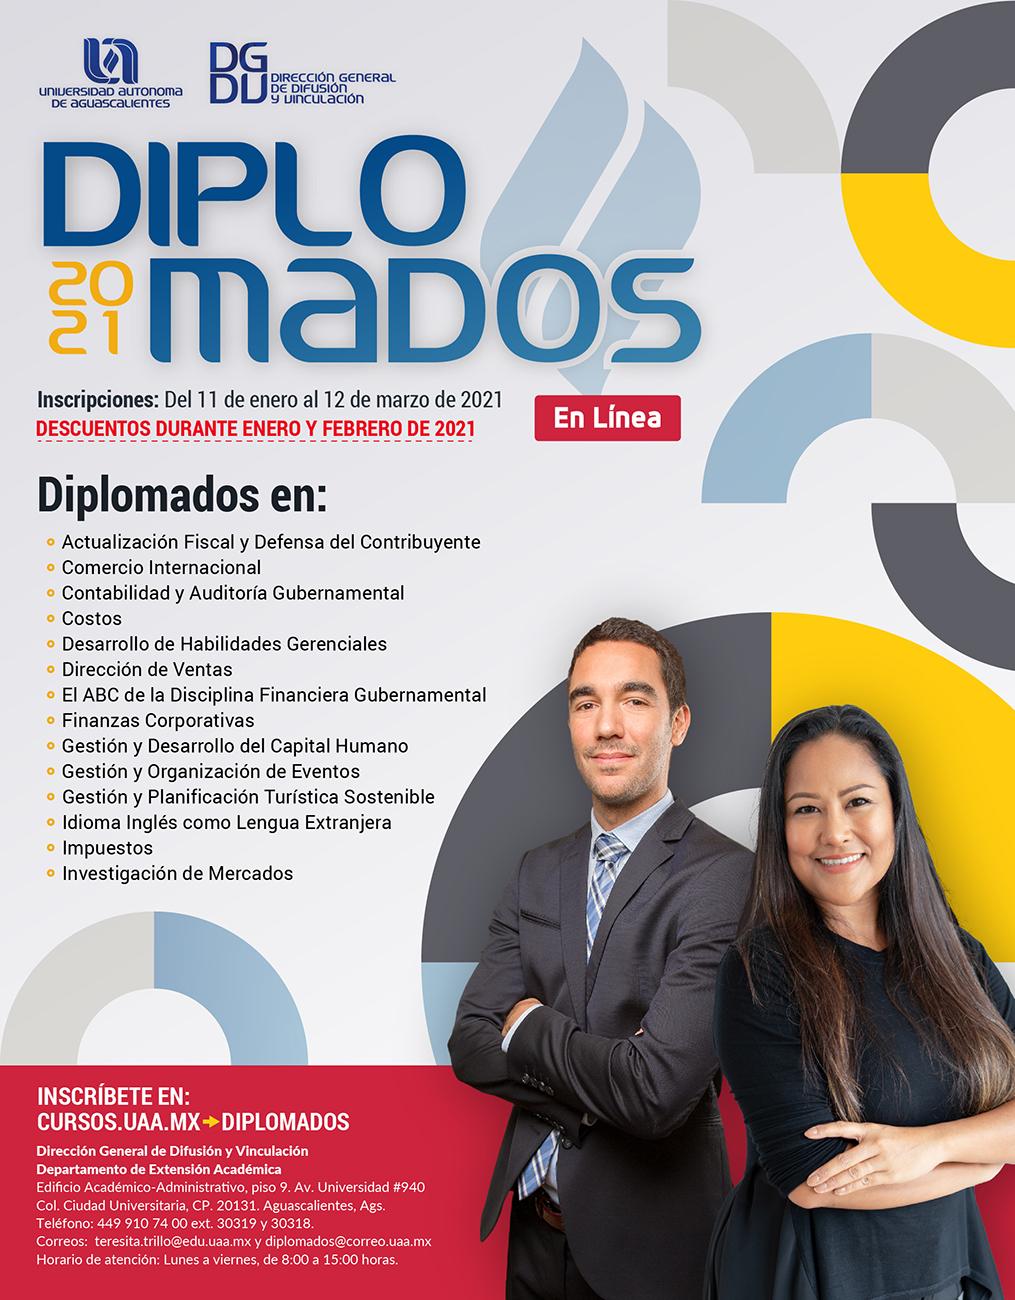 Diplomados 2021